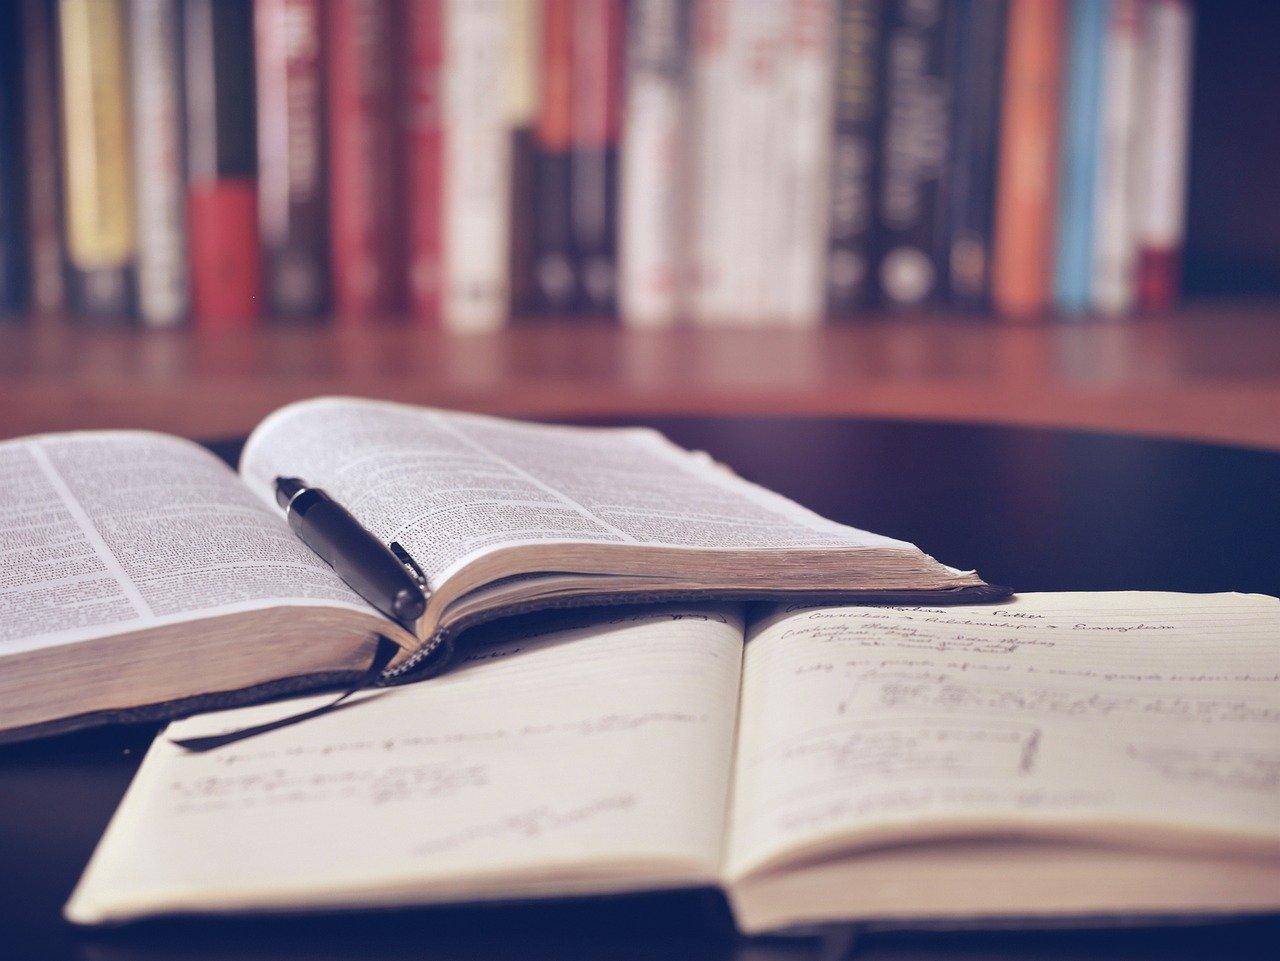 これから資産形成を学ぶ上で役立つおすすめの書籍